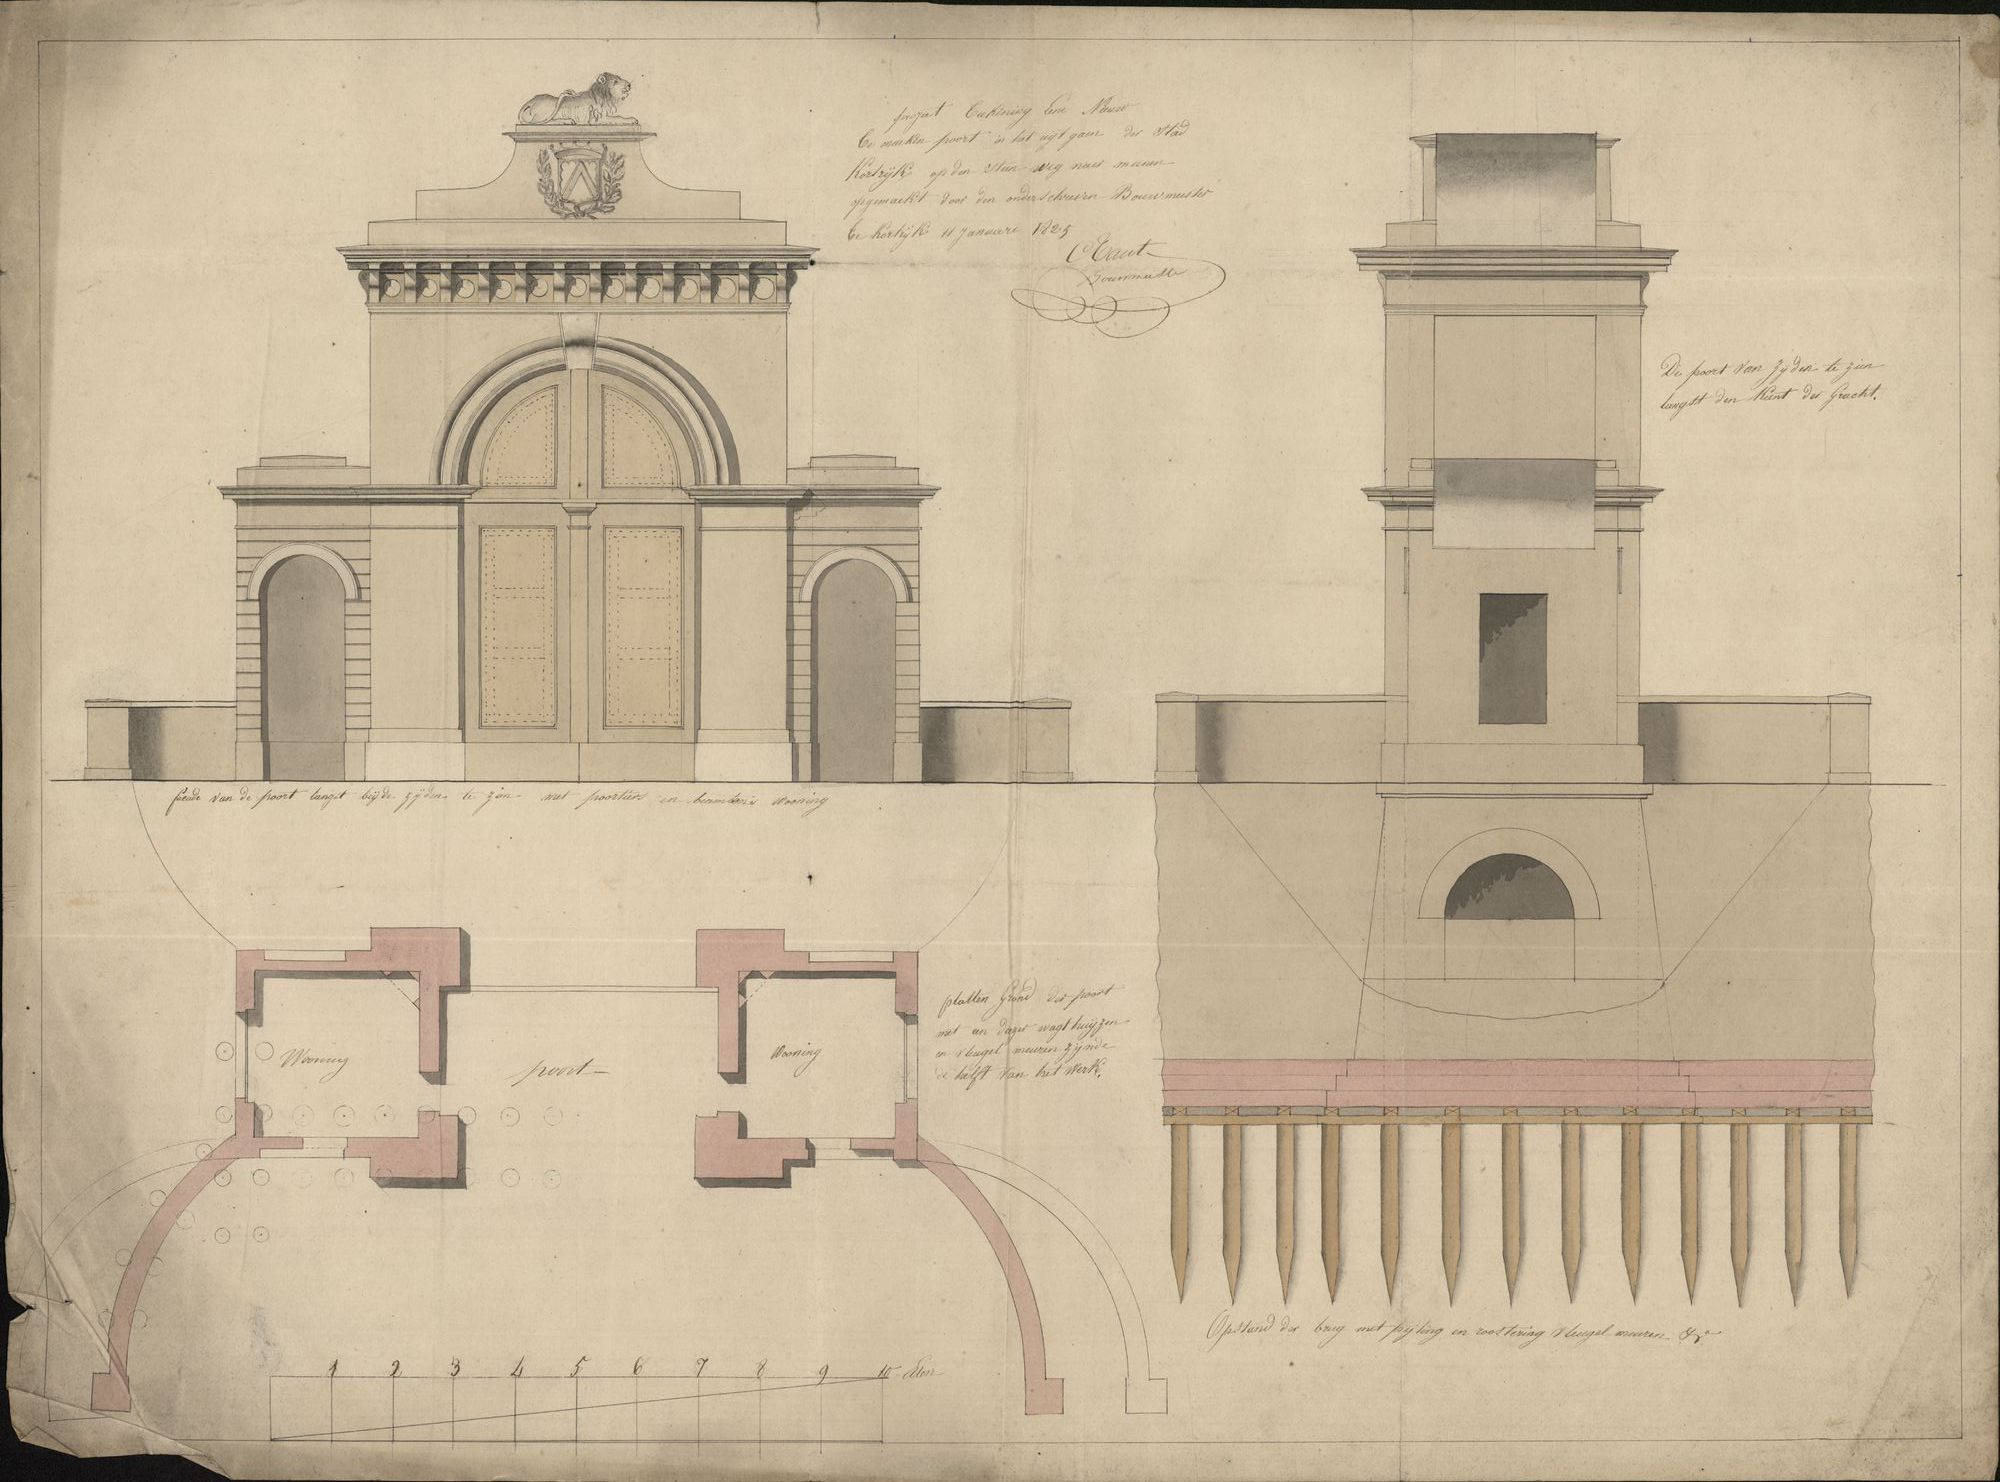 Bouwplan met ontwerp van een nieuw te maken poort in het uitgaan van de stad Kortrijk op de steenweg naar Menen, 1825.